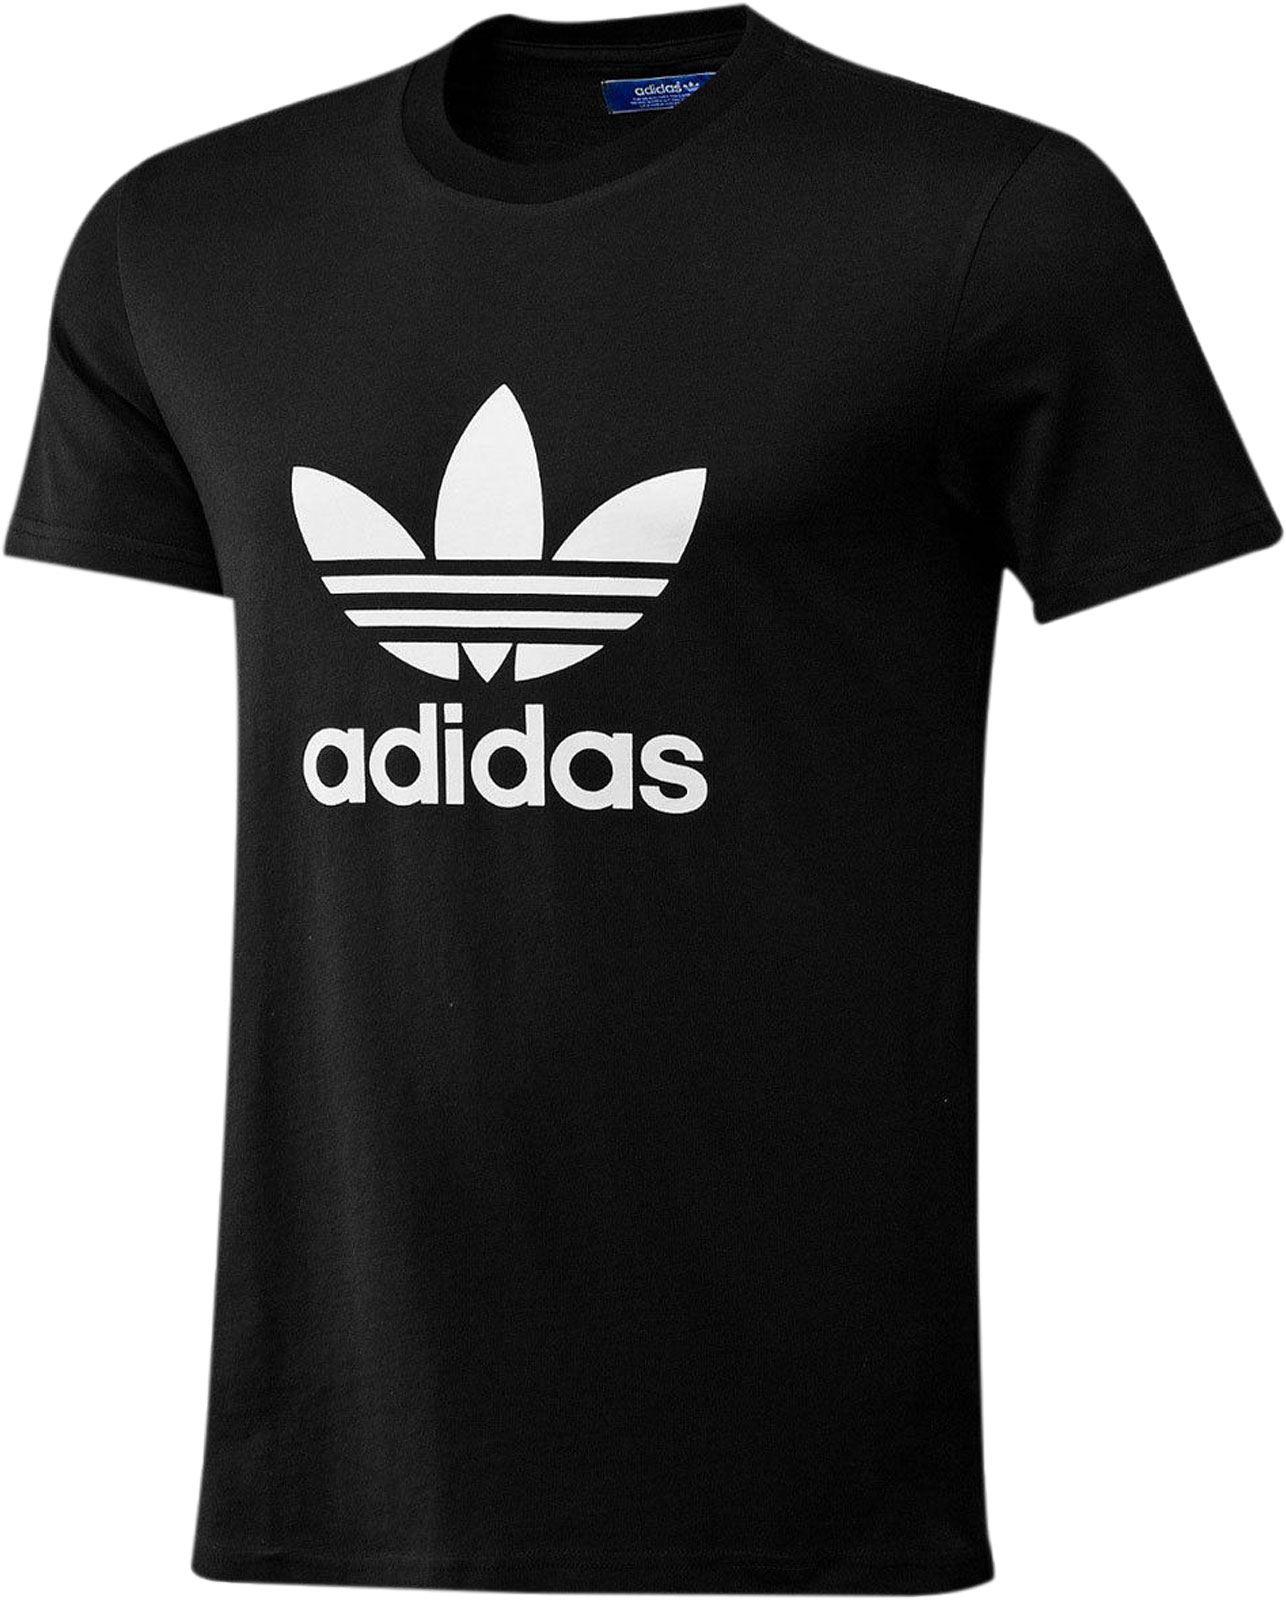 Details about Adidas Originals Trefoil Tee Crew Neck Cotton Casual T Shirt All Size S M L XL